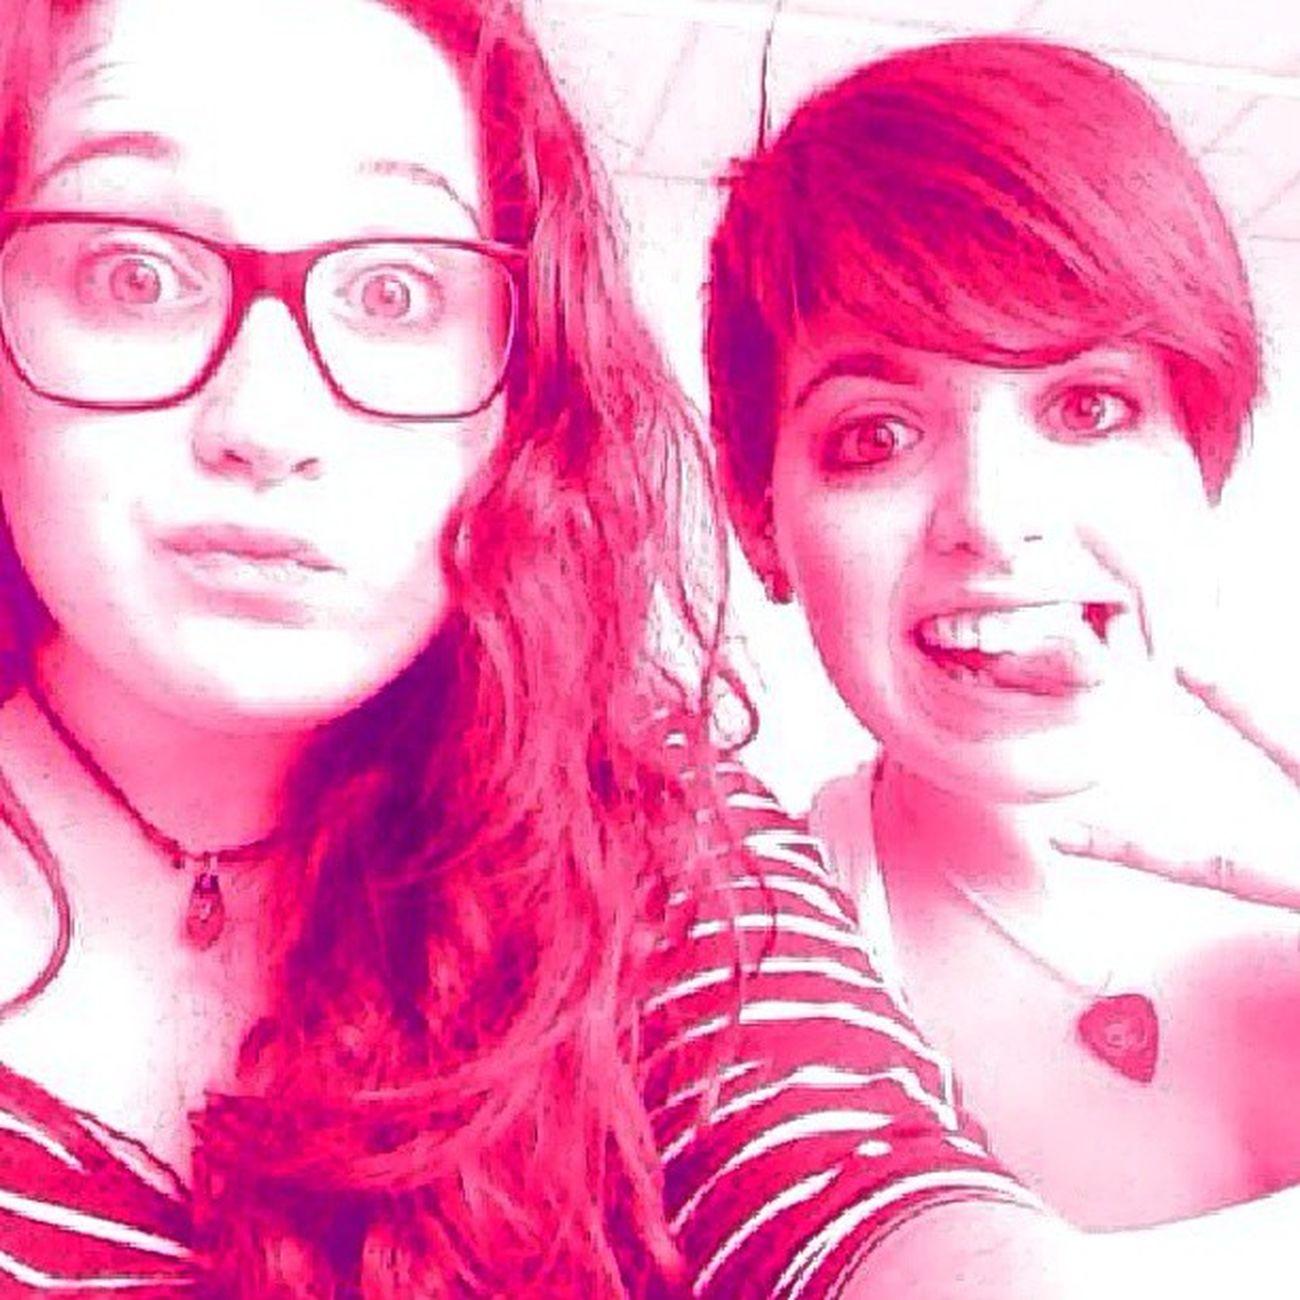 Locura con mi @carrlafdez Car OliCar Pink Rosita Friend Crazy Comolaquiero Lomas 2tontasmuytontas